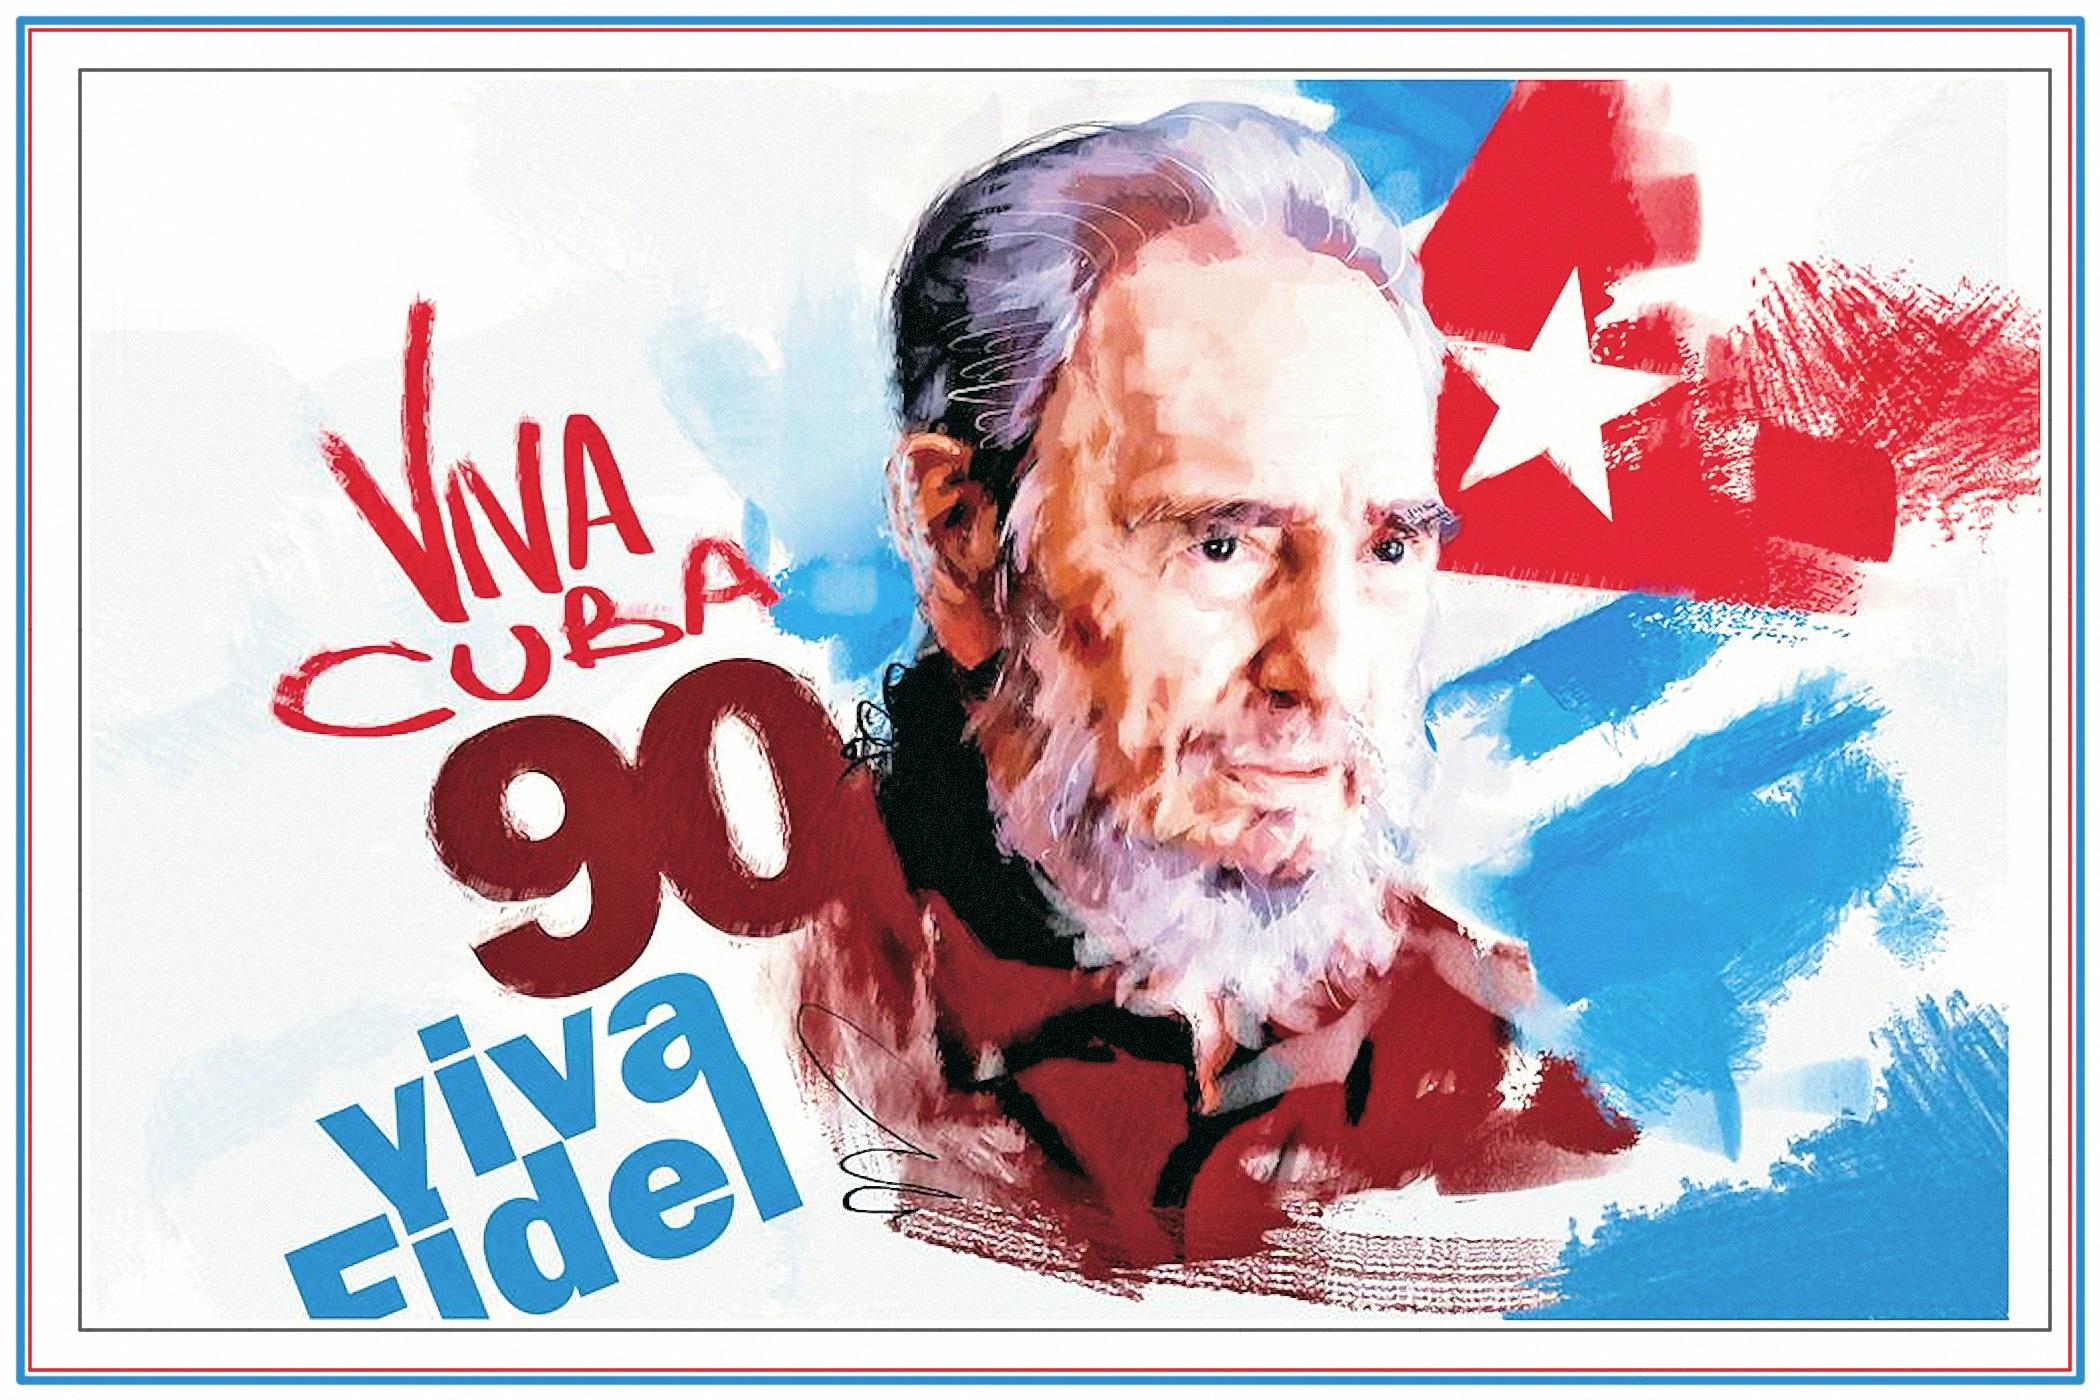 00 vitaly podvitsky. Viva Cuba! Viva Fidel! 130816